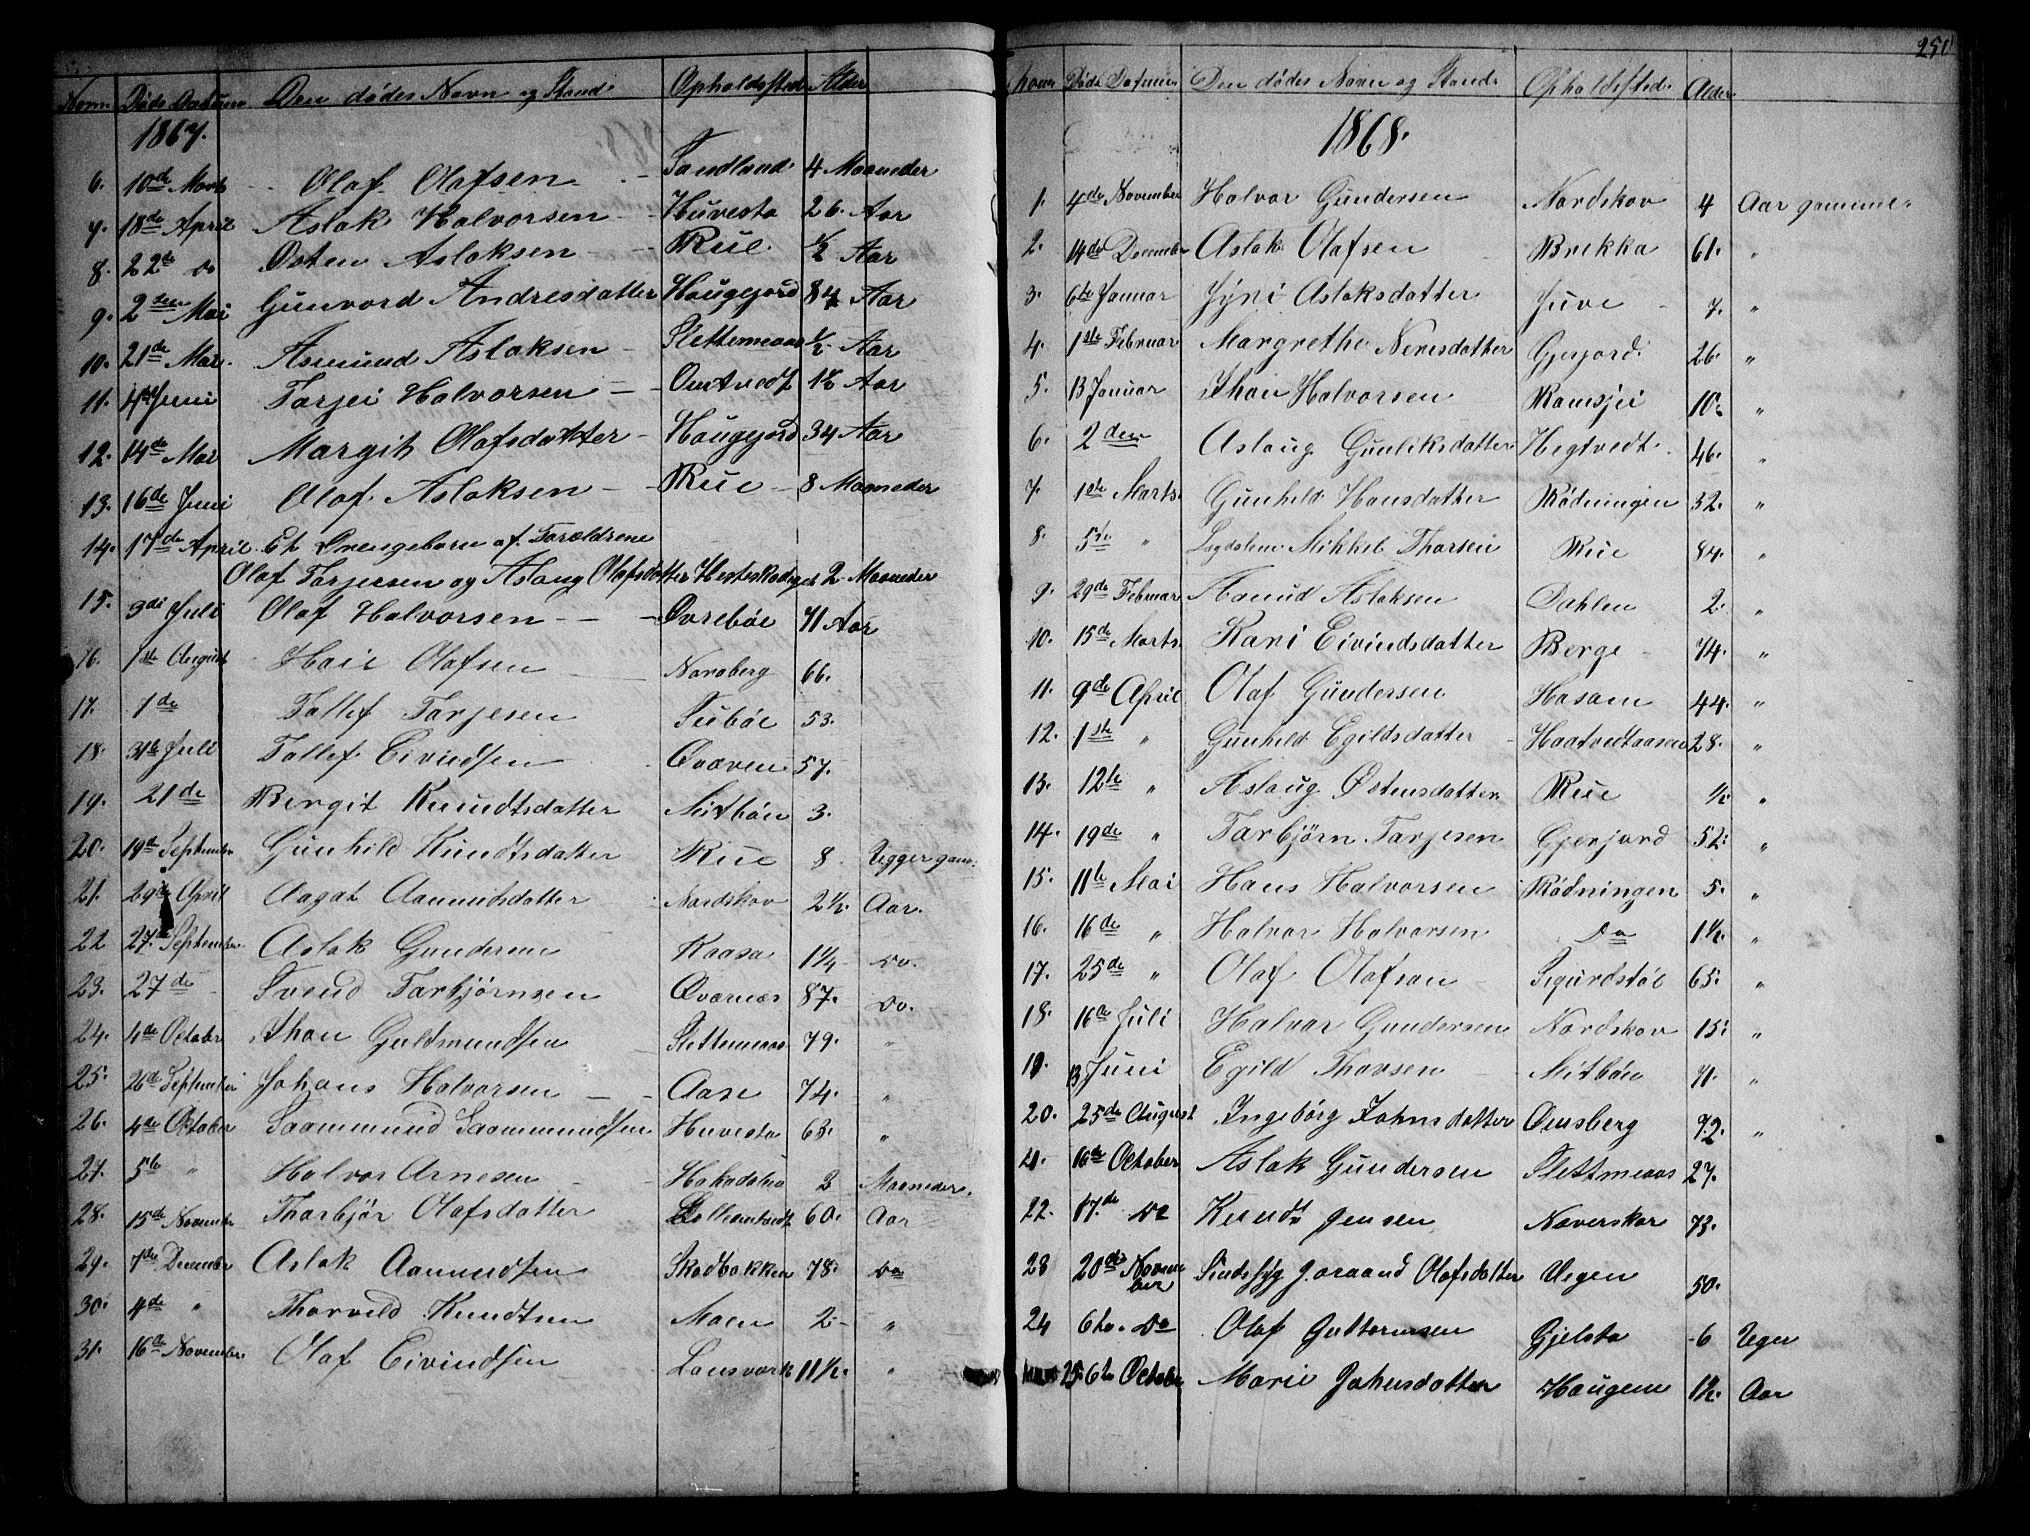 SAKO, Kviteseid kirkebøker, G/Gb/L0002: Klokkerbok nr. II 2, 1850-1892, s. 250